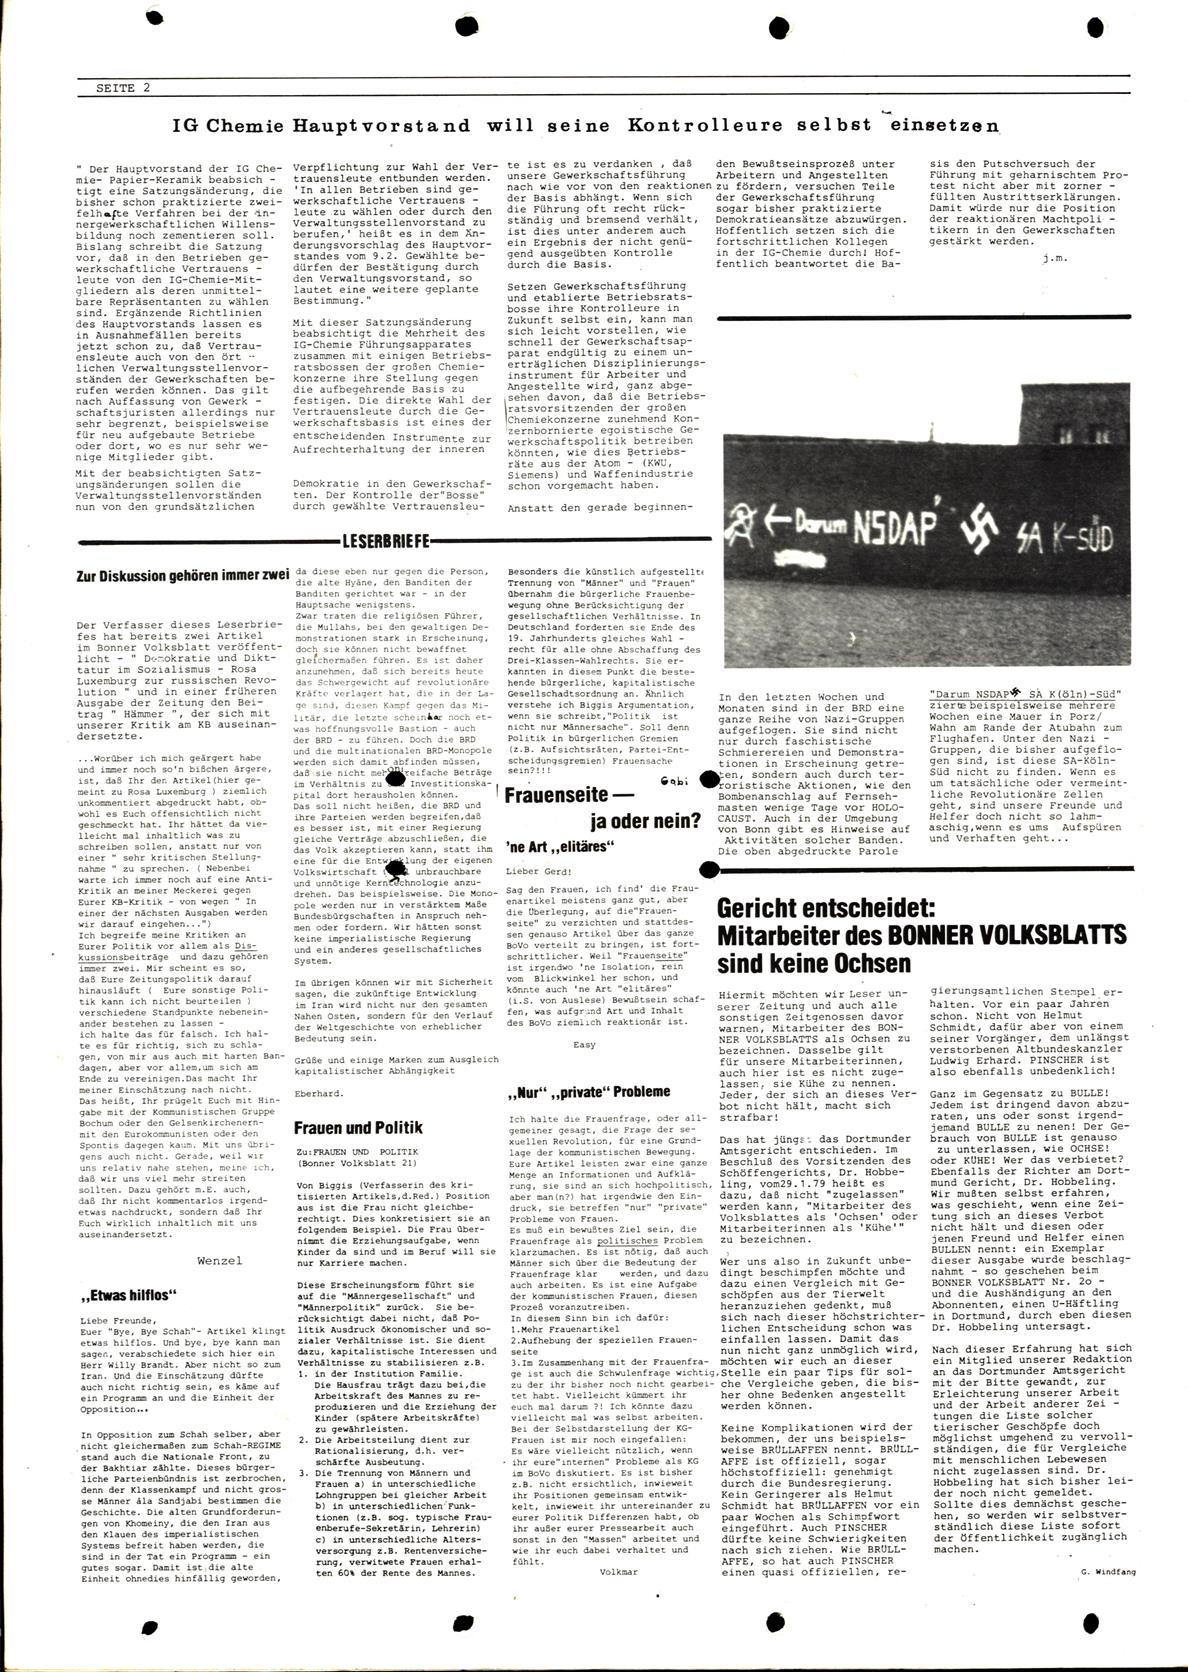 Bonner_Volksblatt_22_19790228_02